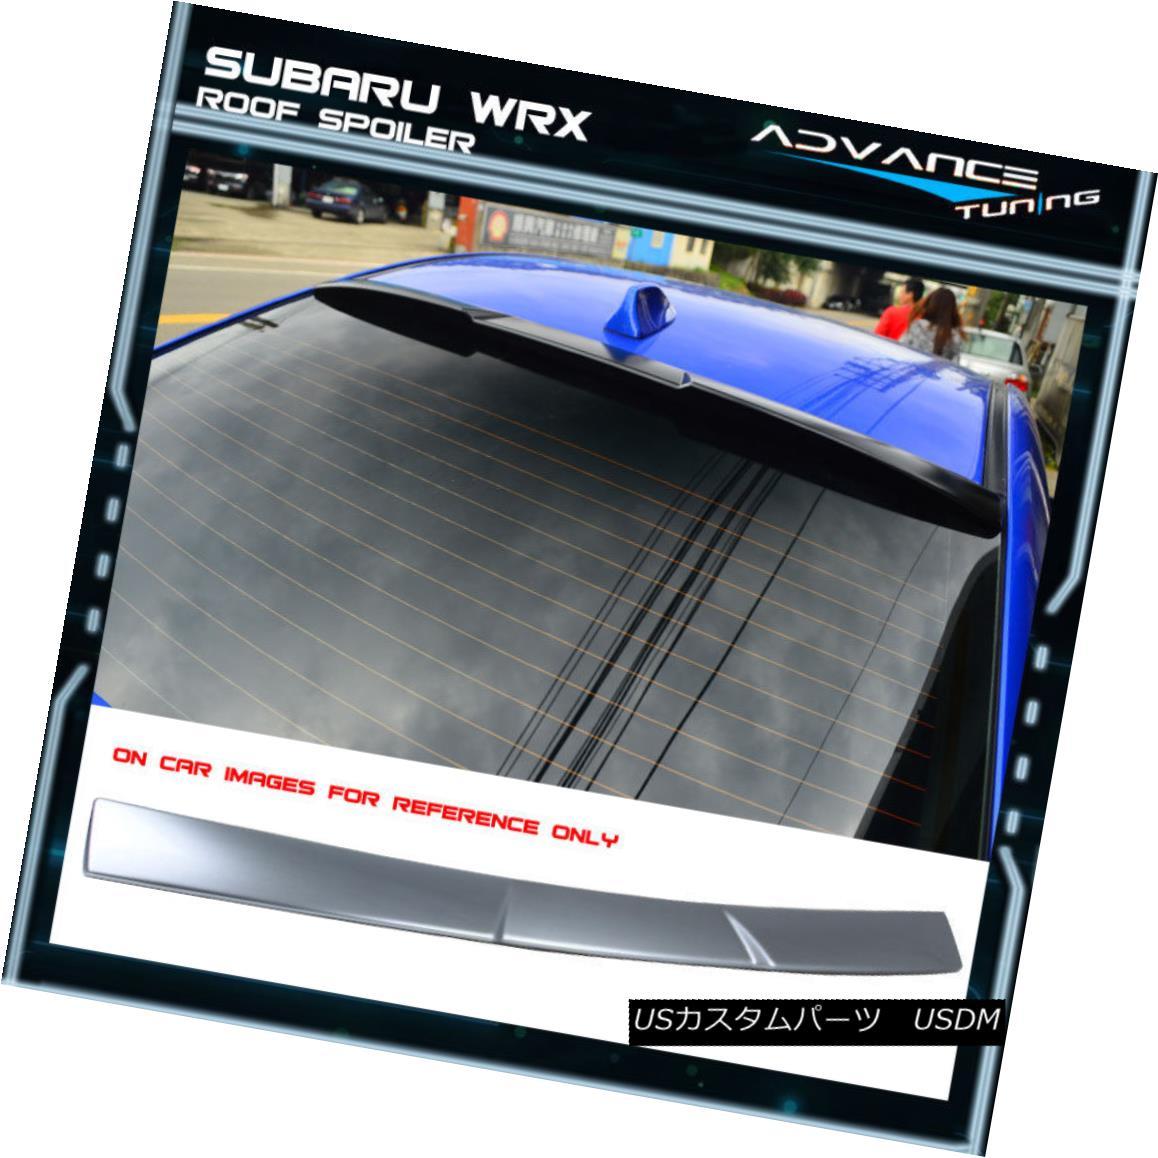 エアロパーツ Fits 15-18 Subaru Impreza WRX STI V Style Painted #G1U Ice Silver Roof Spoiler フィット15-18スバルインプレッサWRX STI Vスタイル#G1Uアイスシルバールーフスポイラー